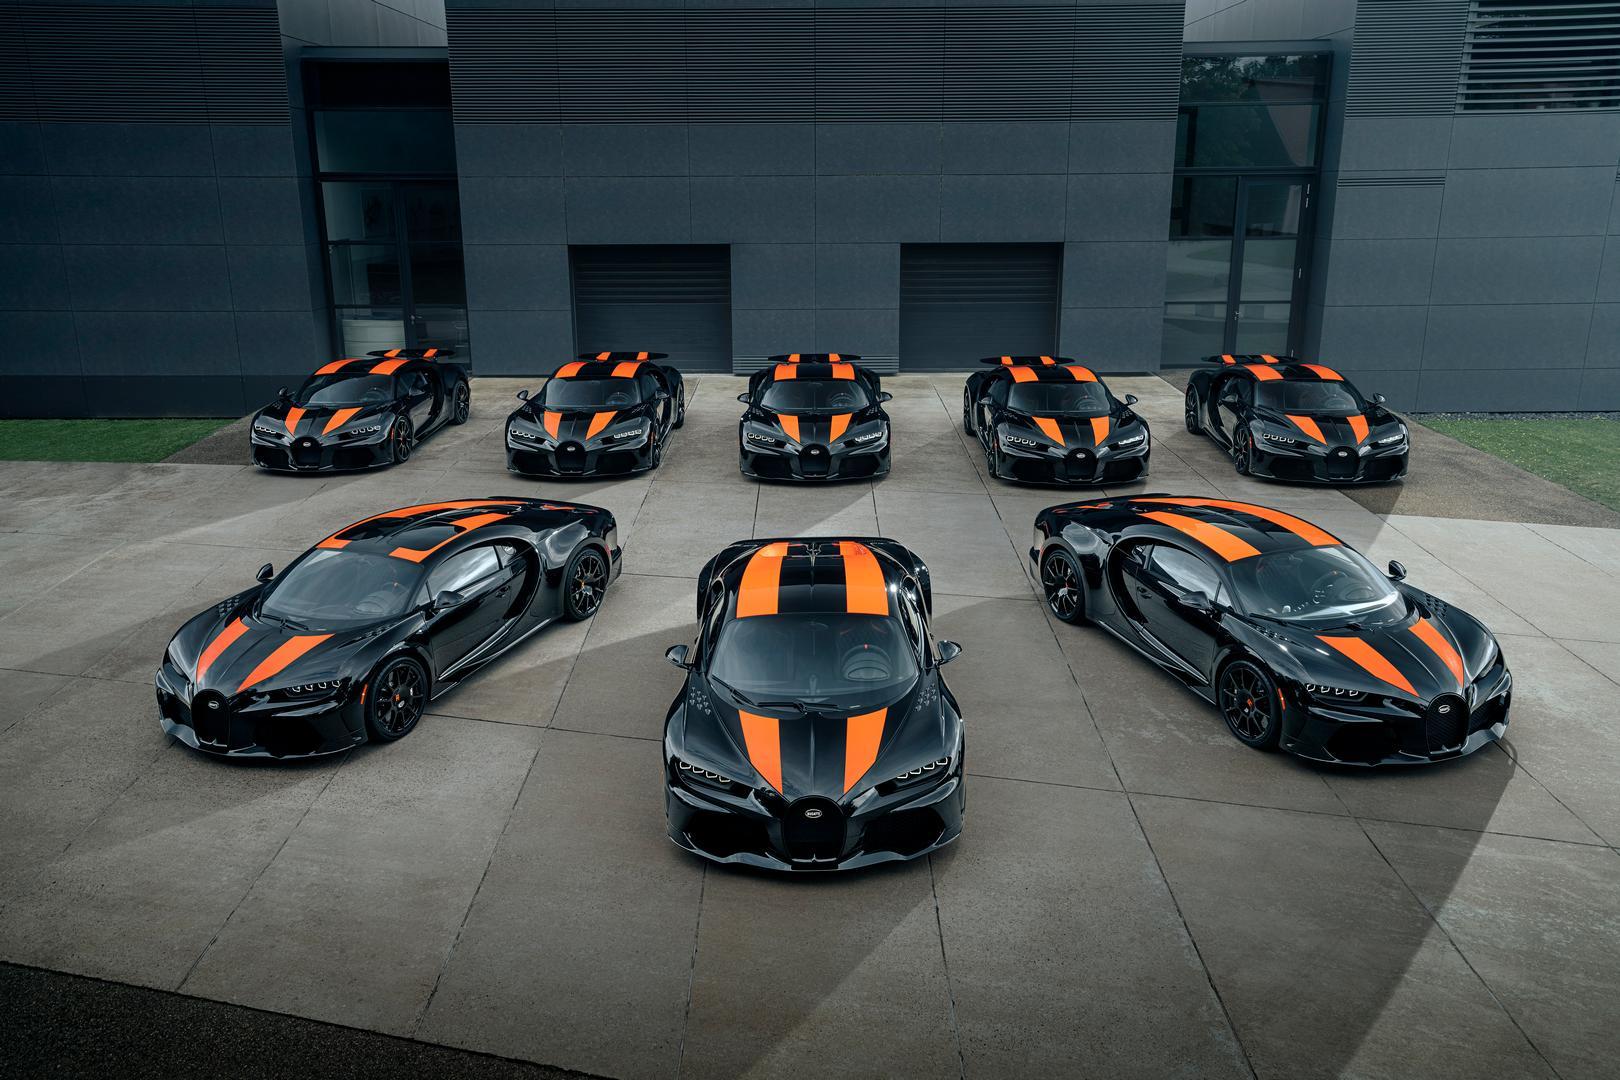 8 Bugatti Chiron Super Sport 300+ Delivered for $4.1 Million a Piece!